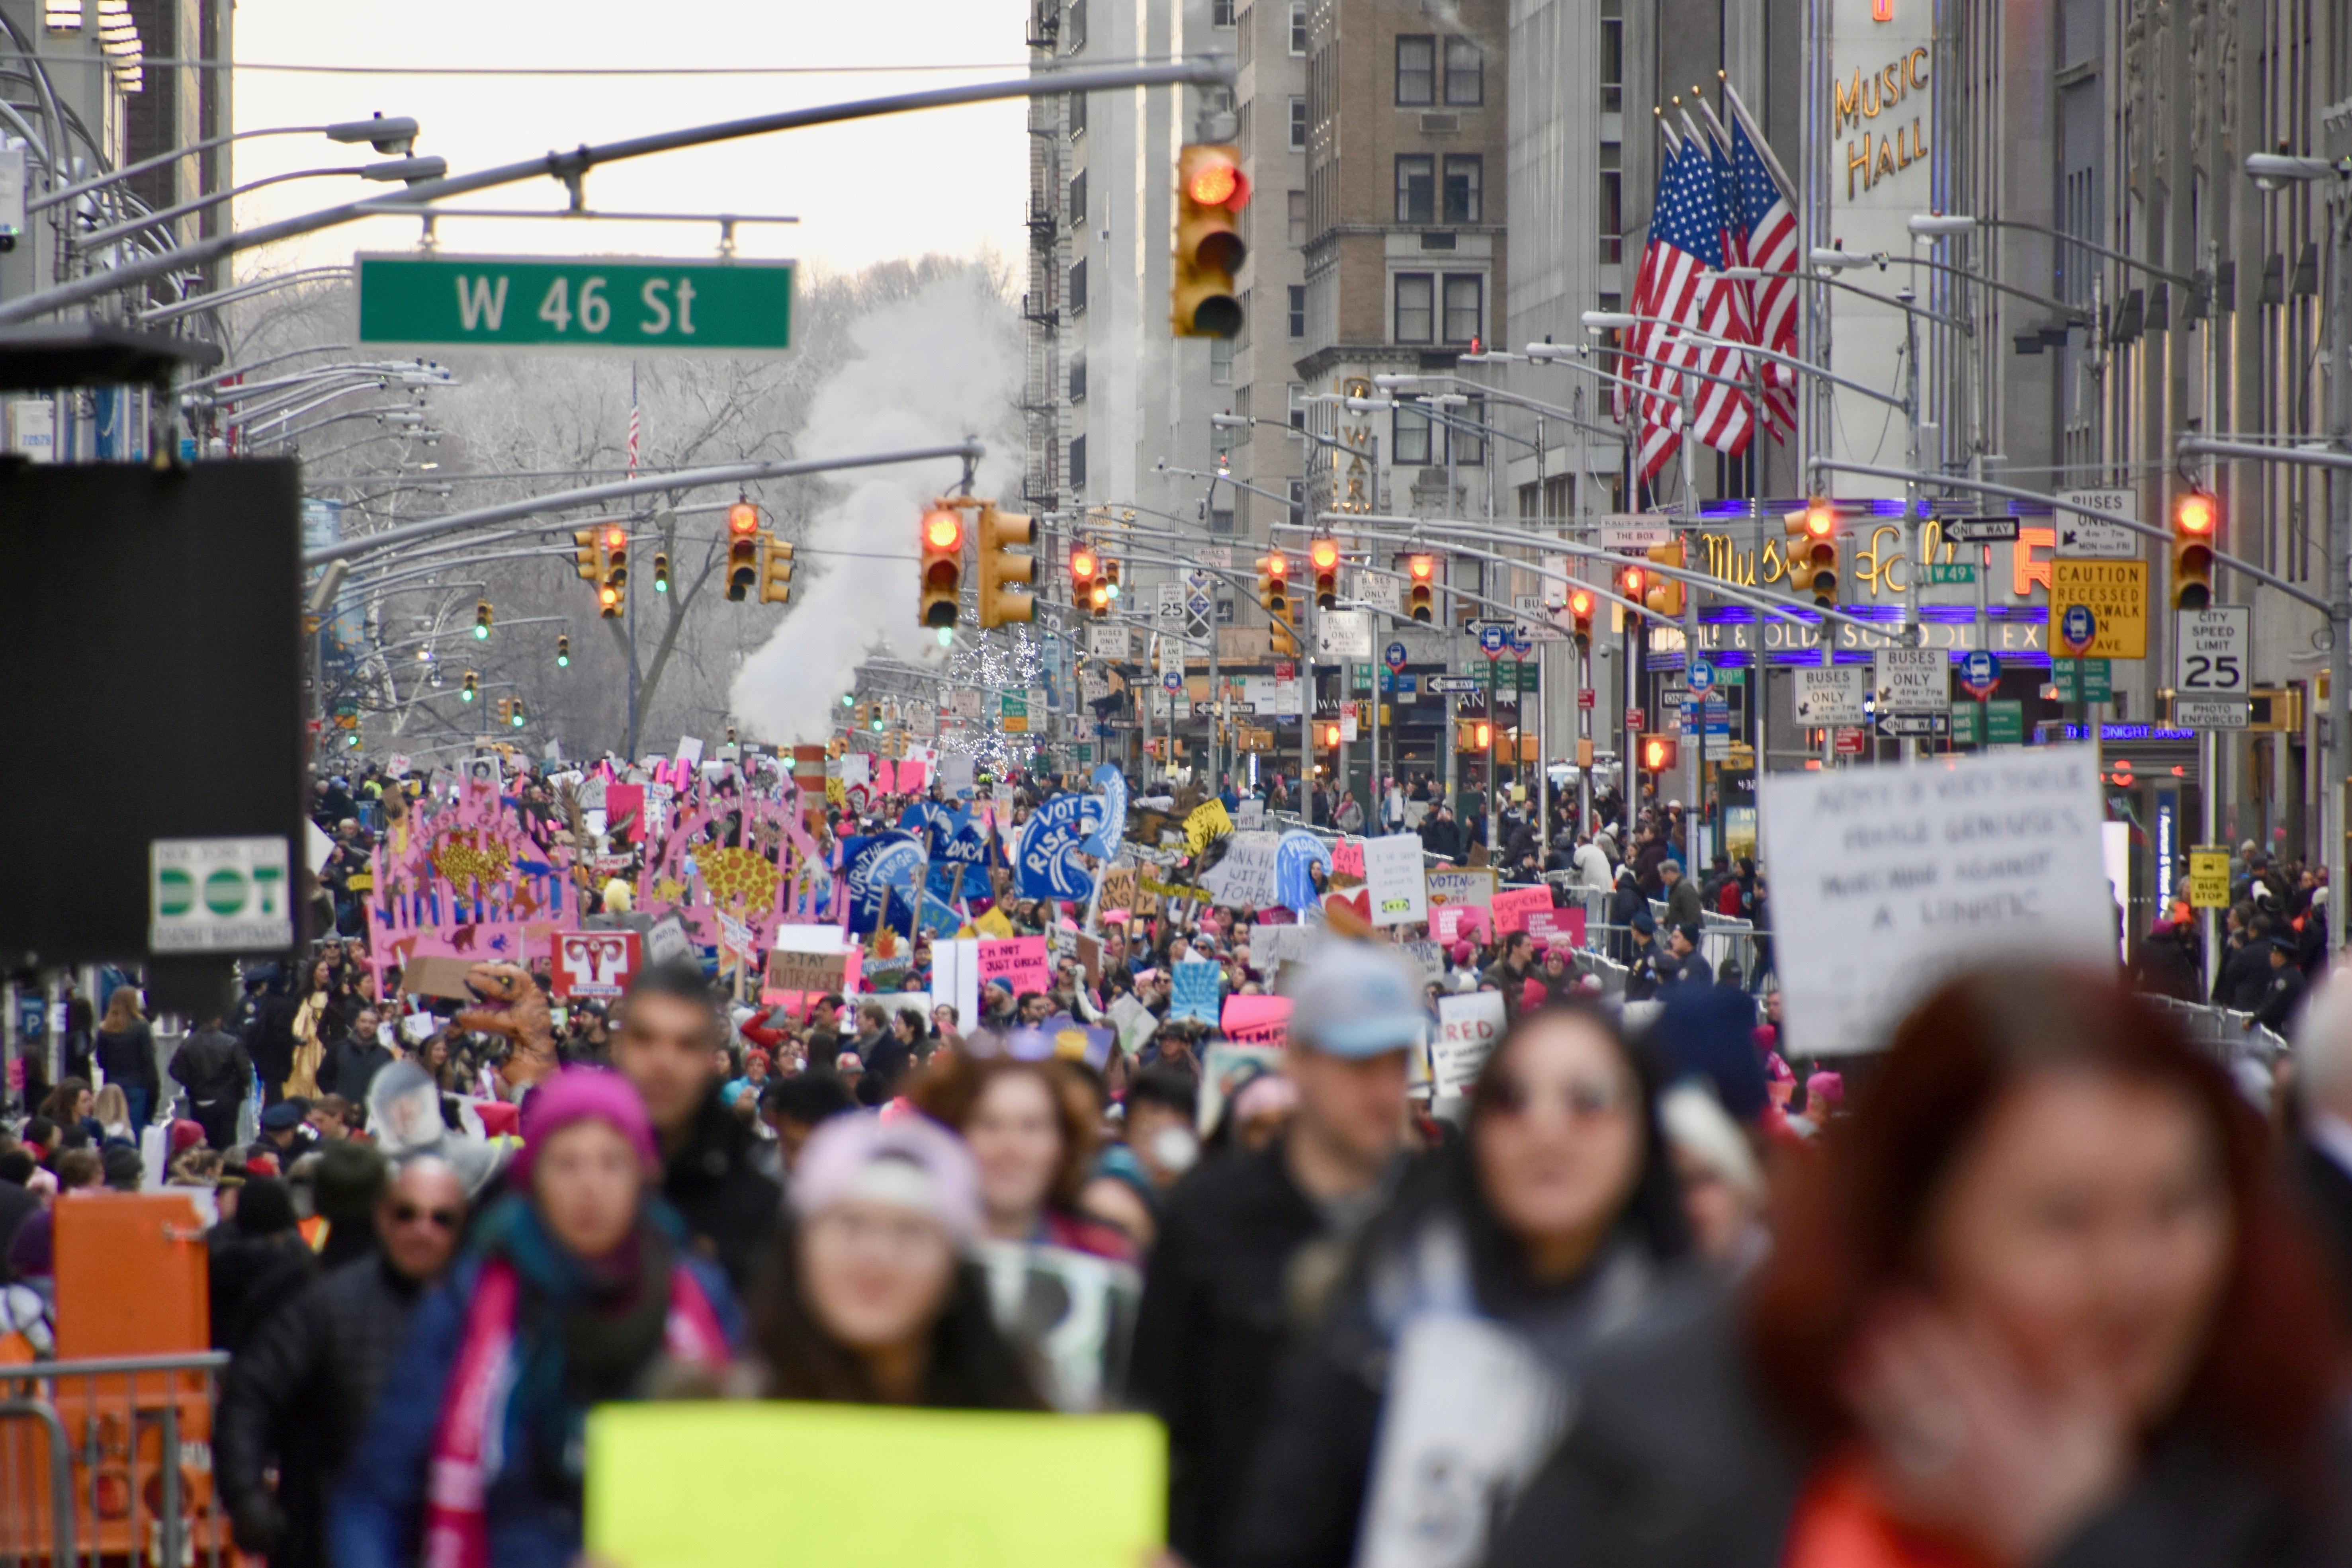 d5b74d9da201c2 2018 Women's March - Wikipedia